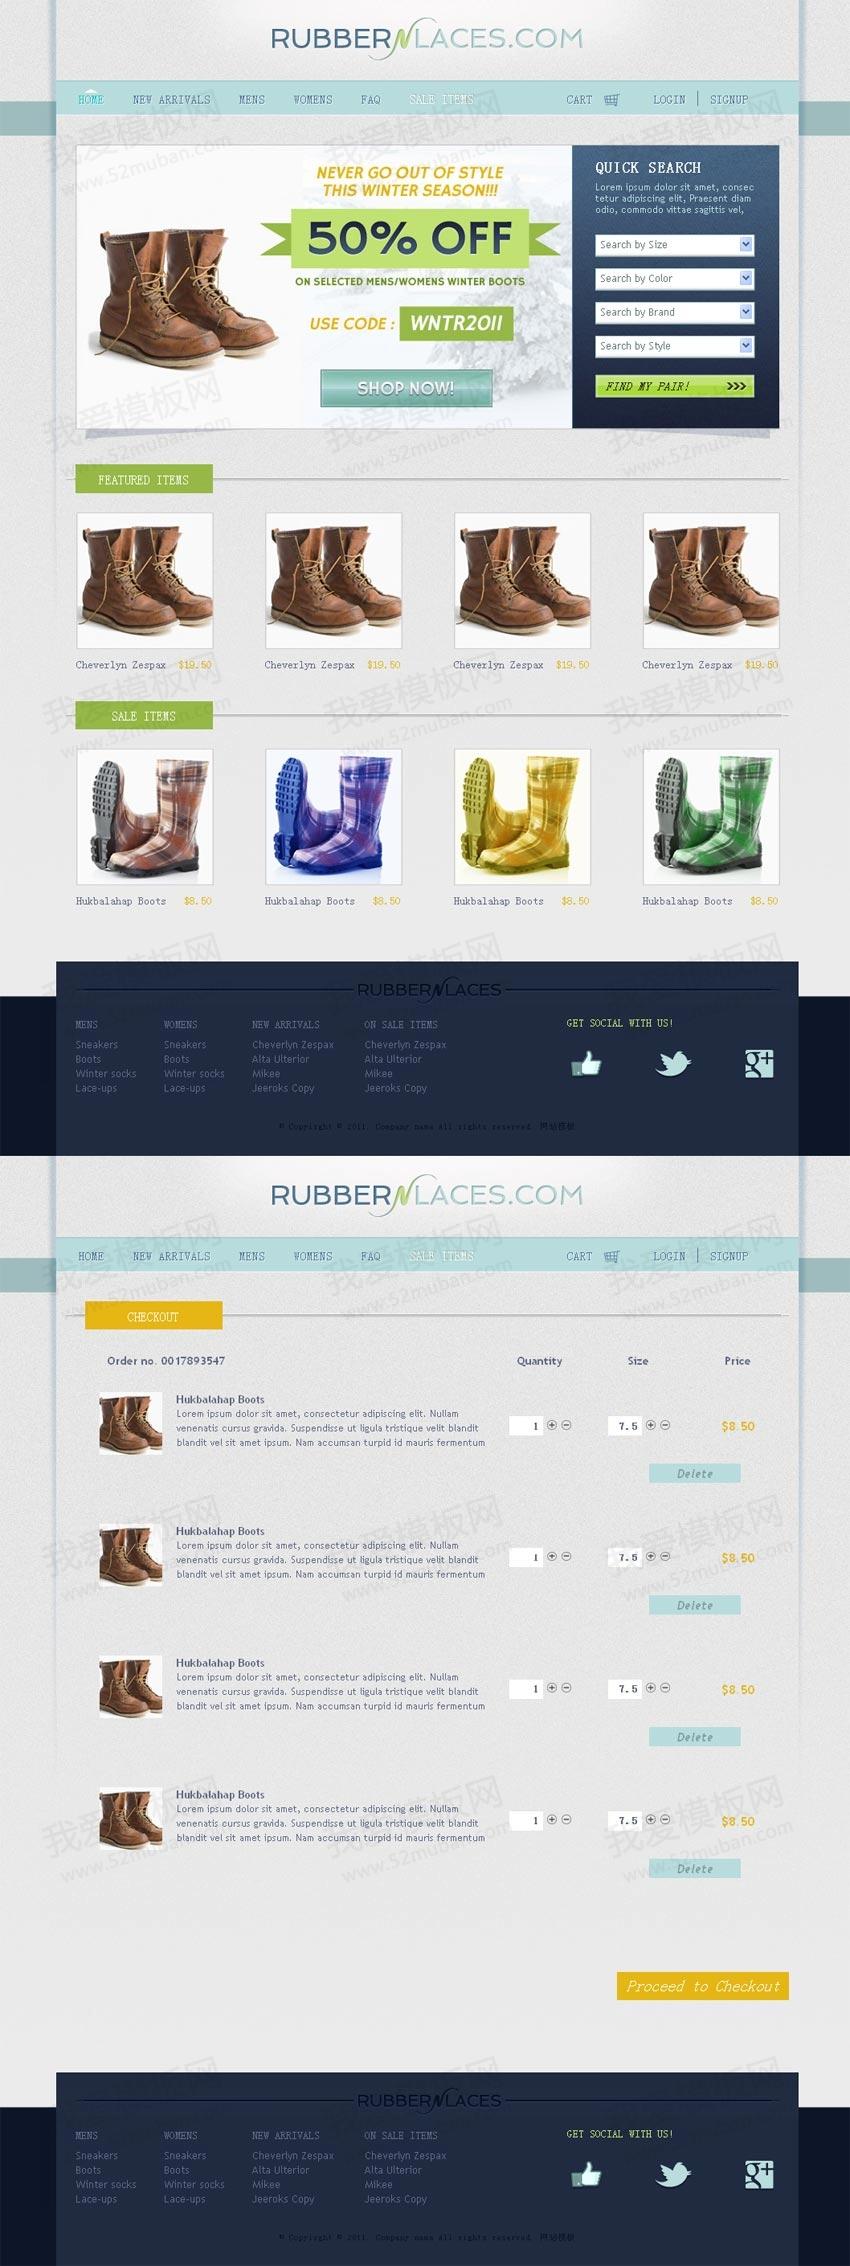 国外简洁的鞋子专门店网上购物商城模板html源码下载